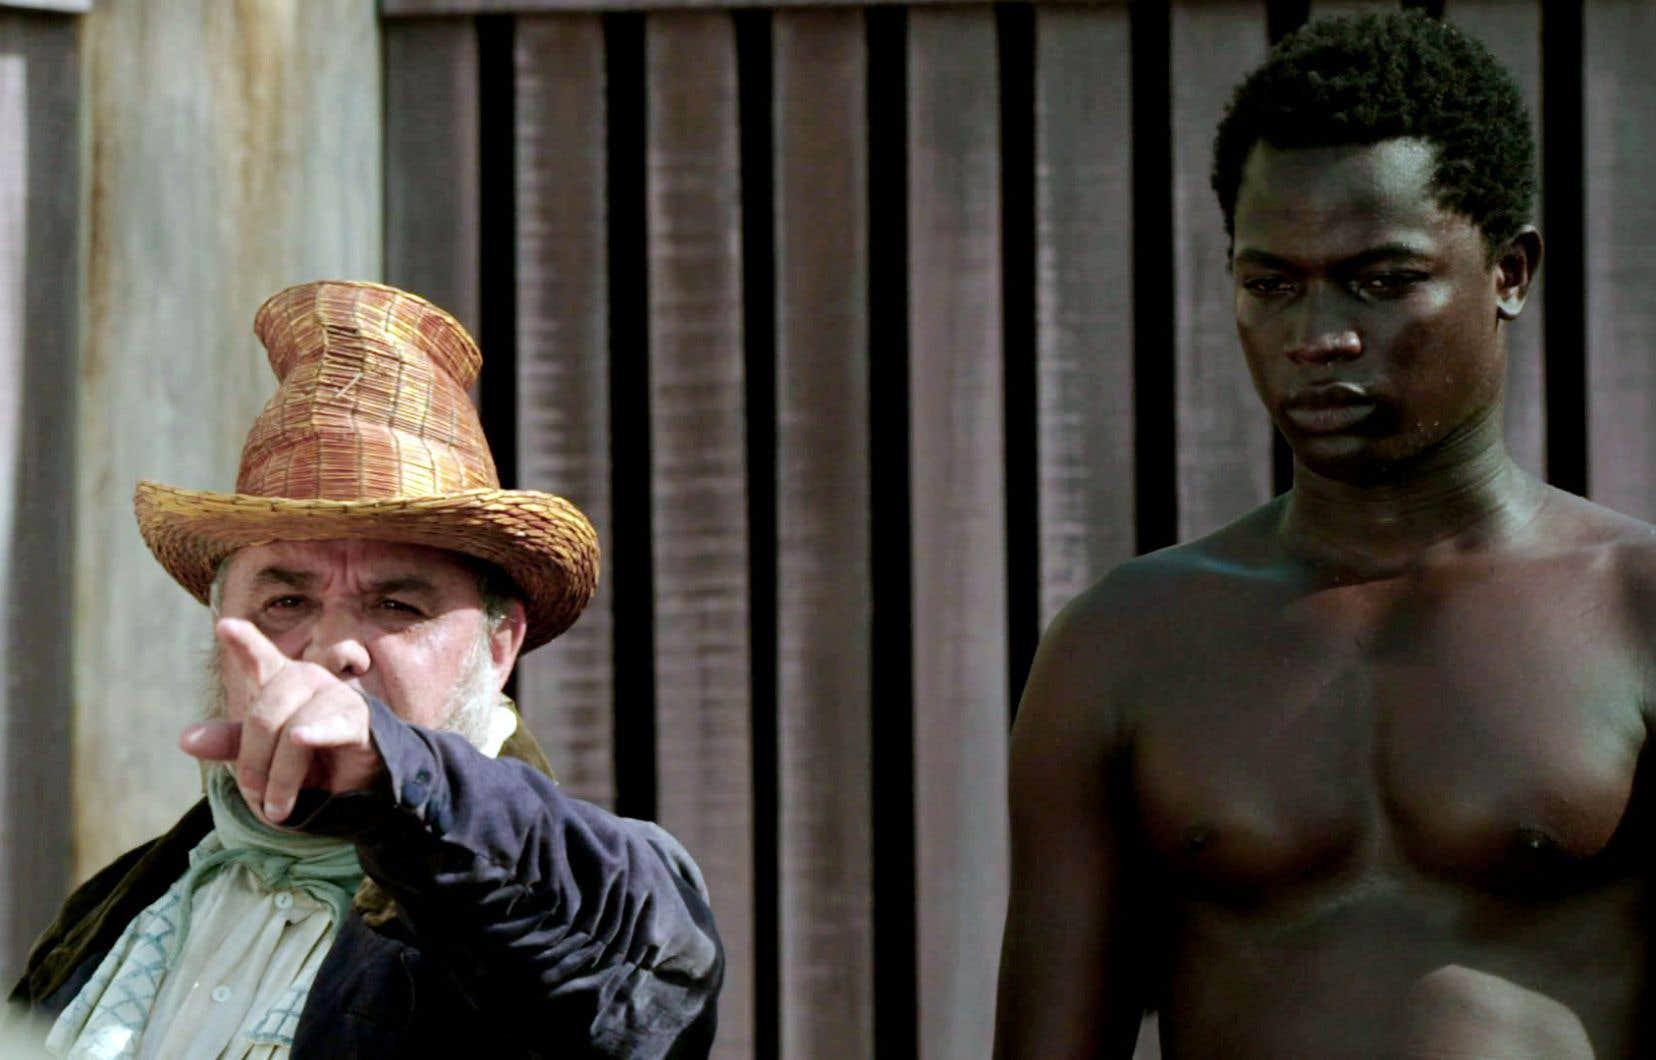 L'esclavage a été aboli en France en 1794, puis rétabli en 1802, pour finalement être définitivement interdit en 1848.